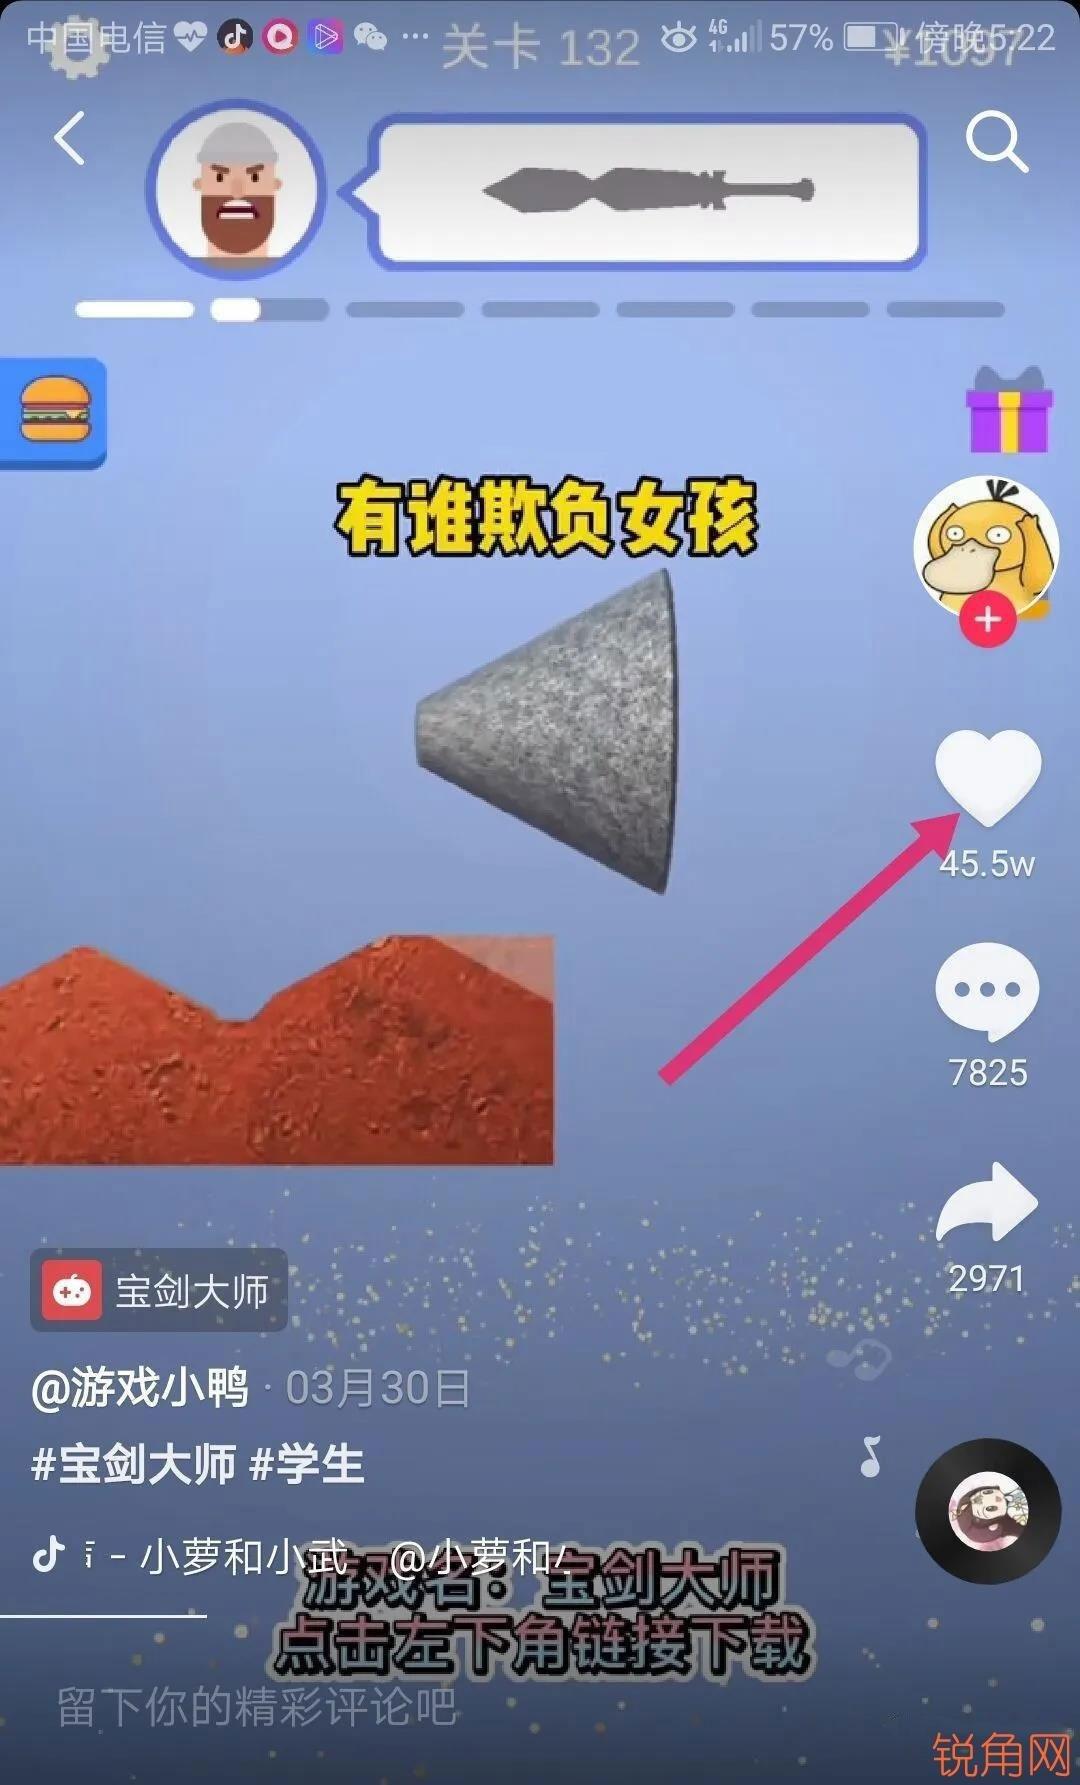 抖音短视频做小游戏推广分佣日入500+ 自媒体 第3张